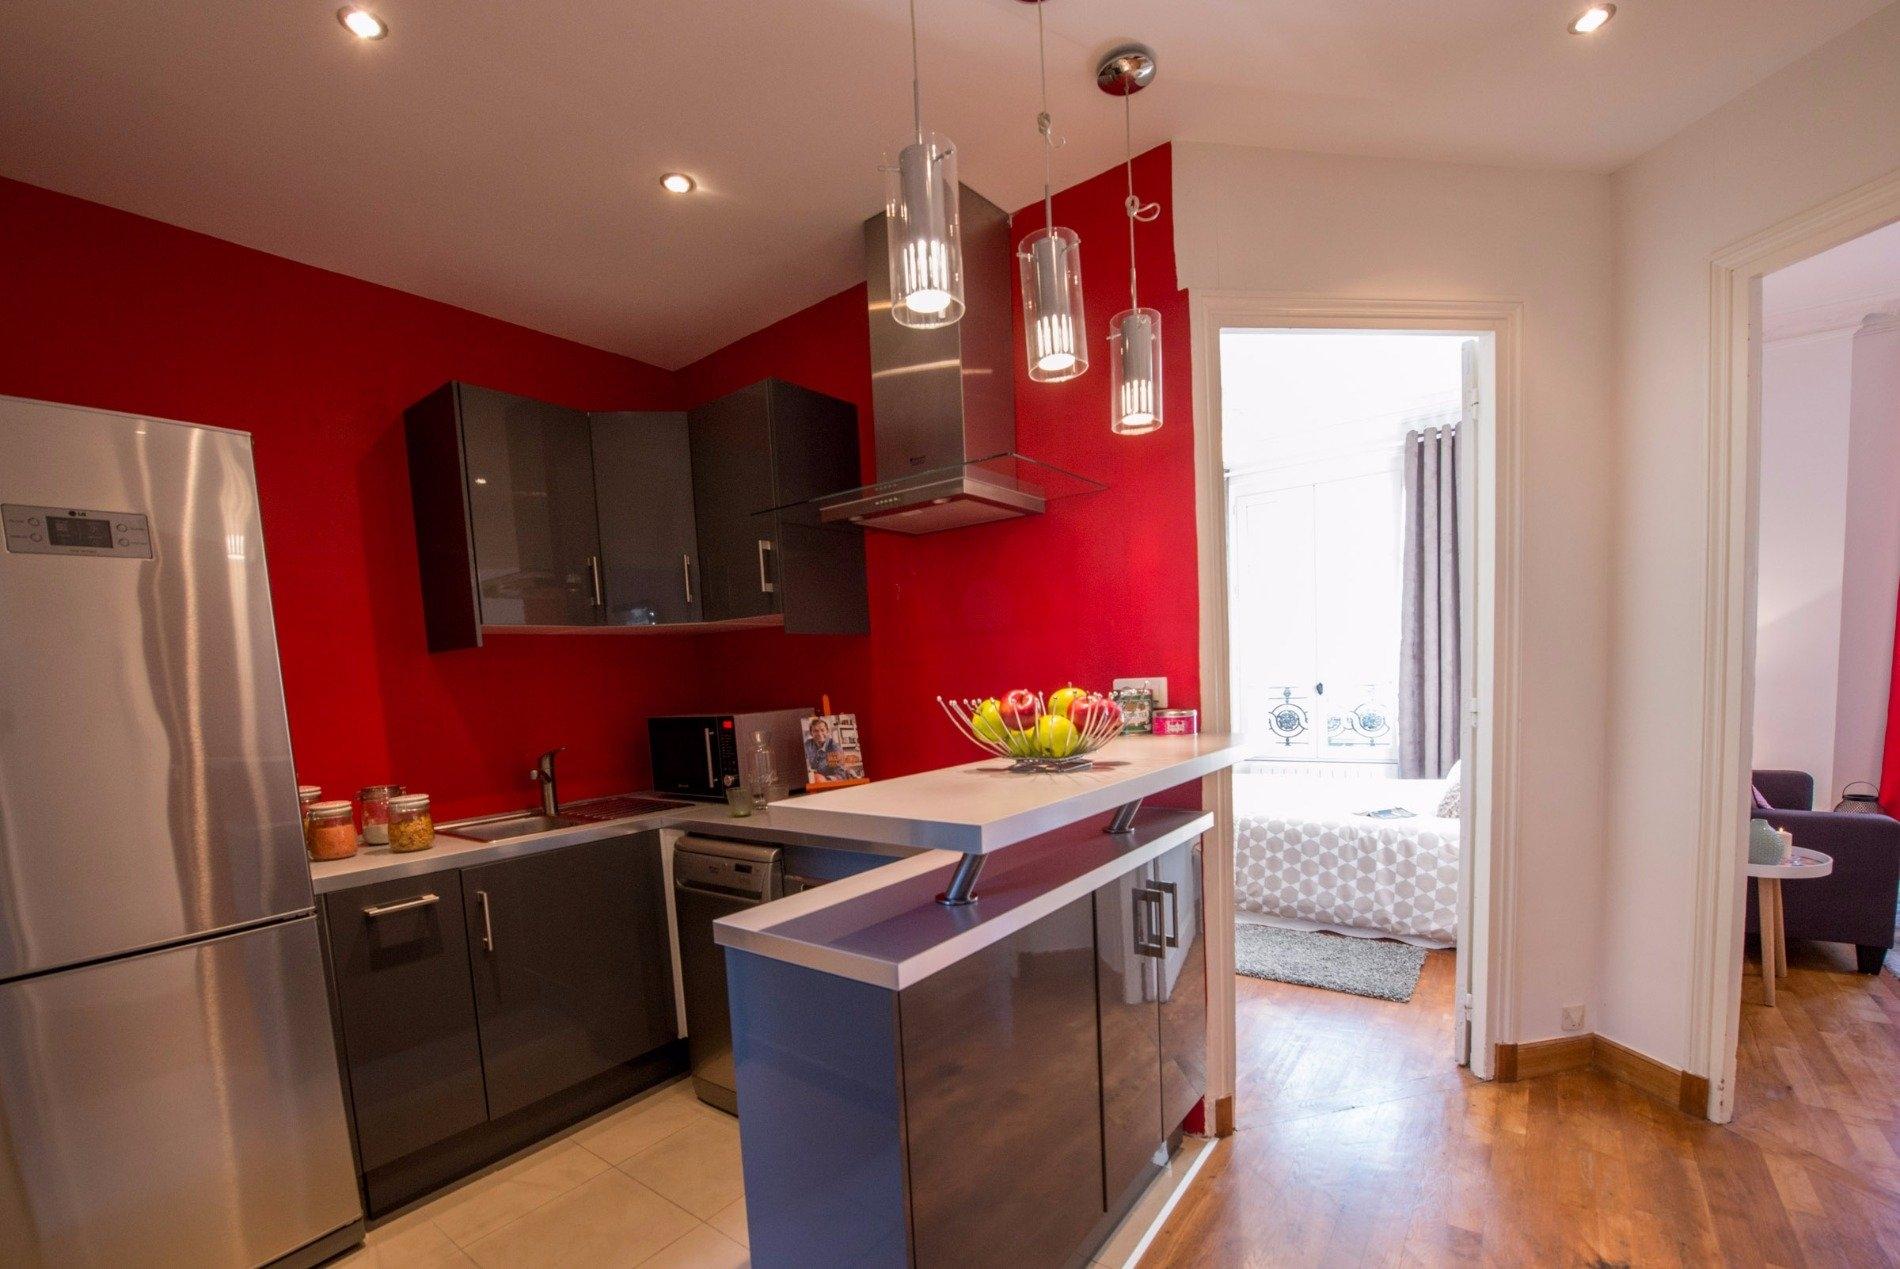 Appartement Reims 2 Pièces 39.69 m2 - 4